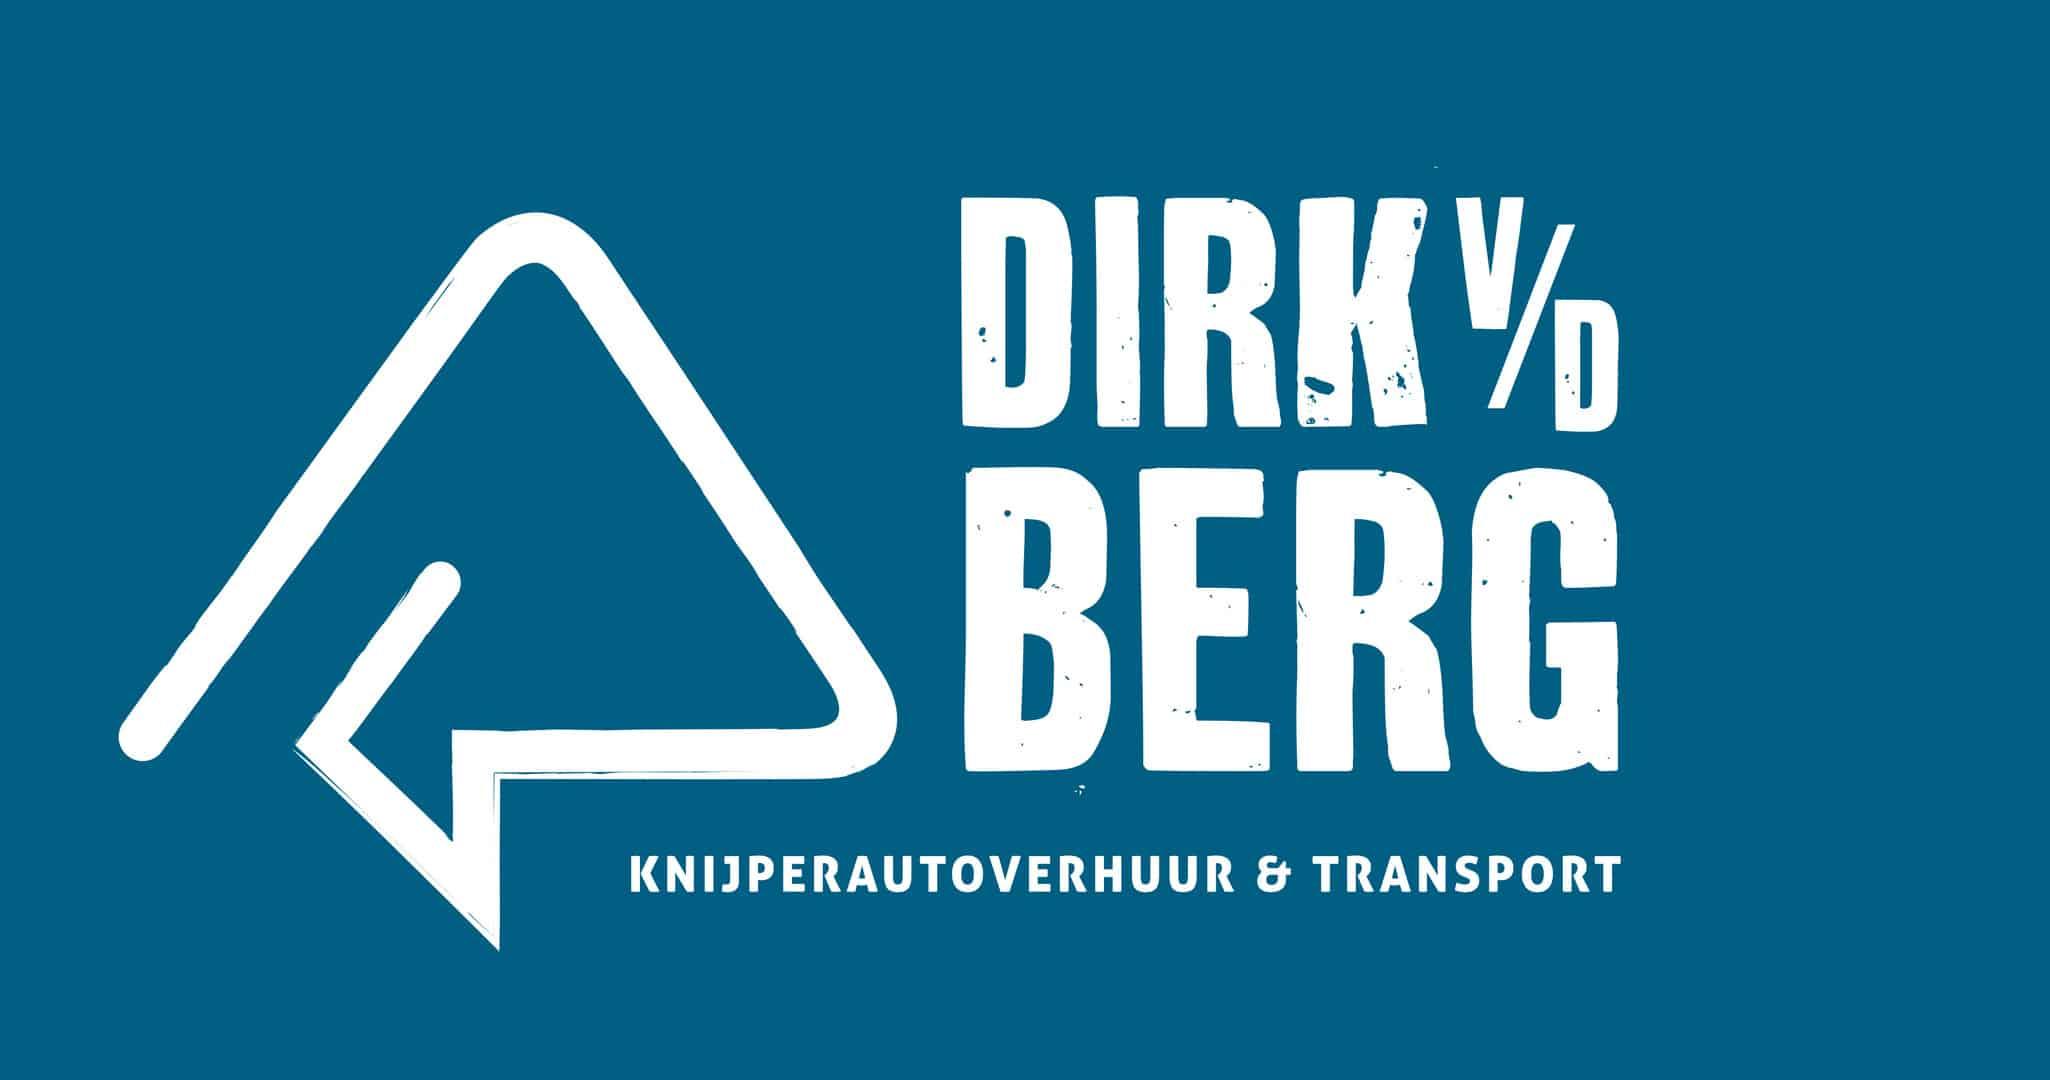 Dirk vd Berg